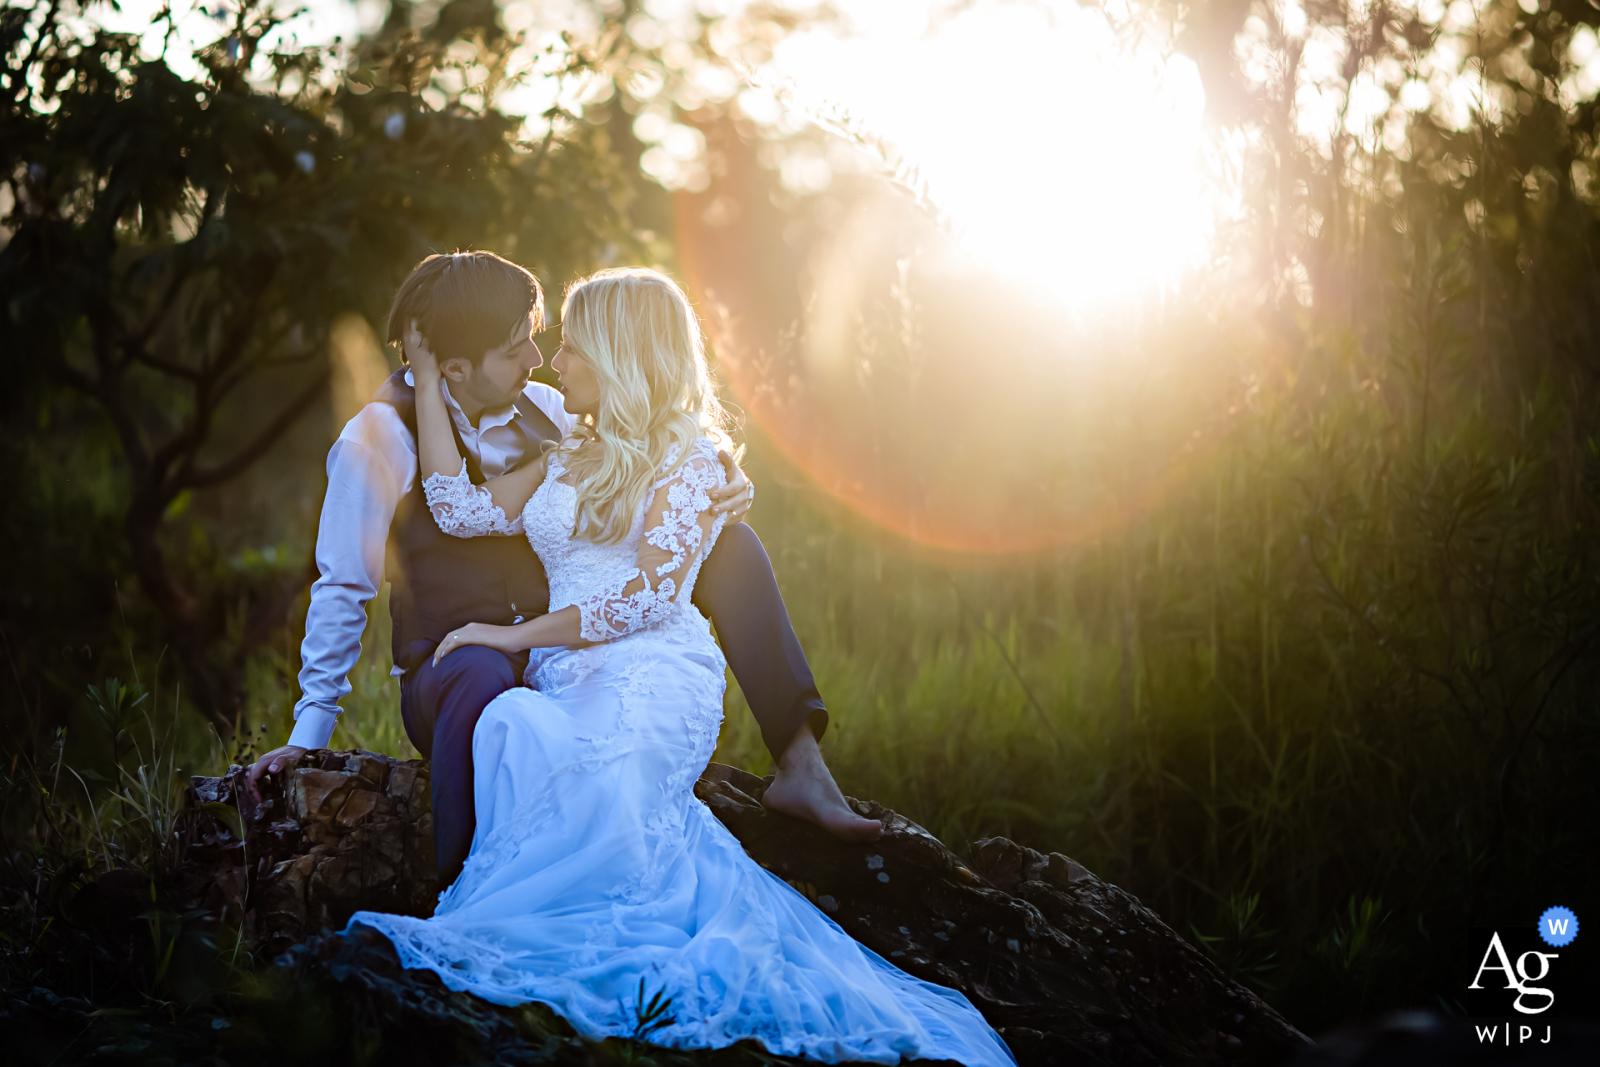 Pirenópolis natural sunlight wedding couple portrait